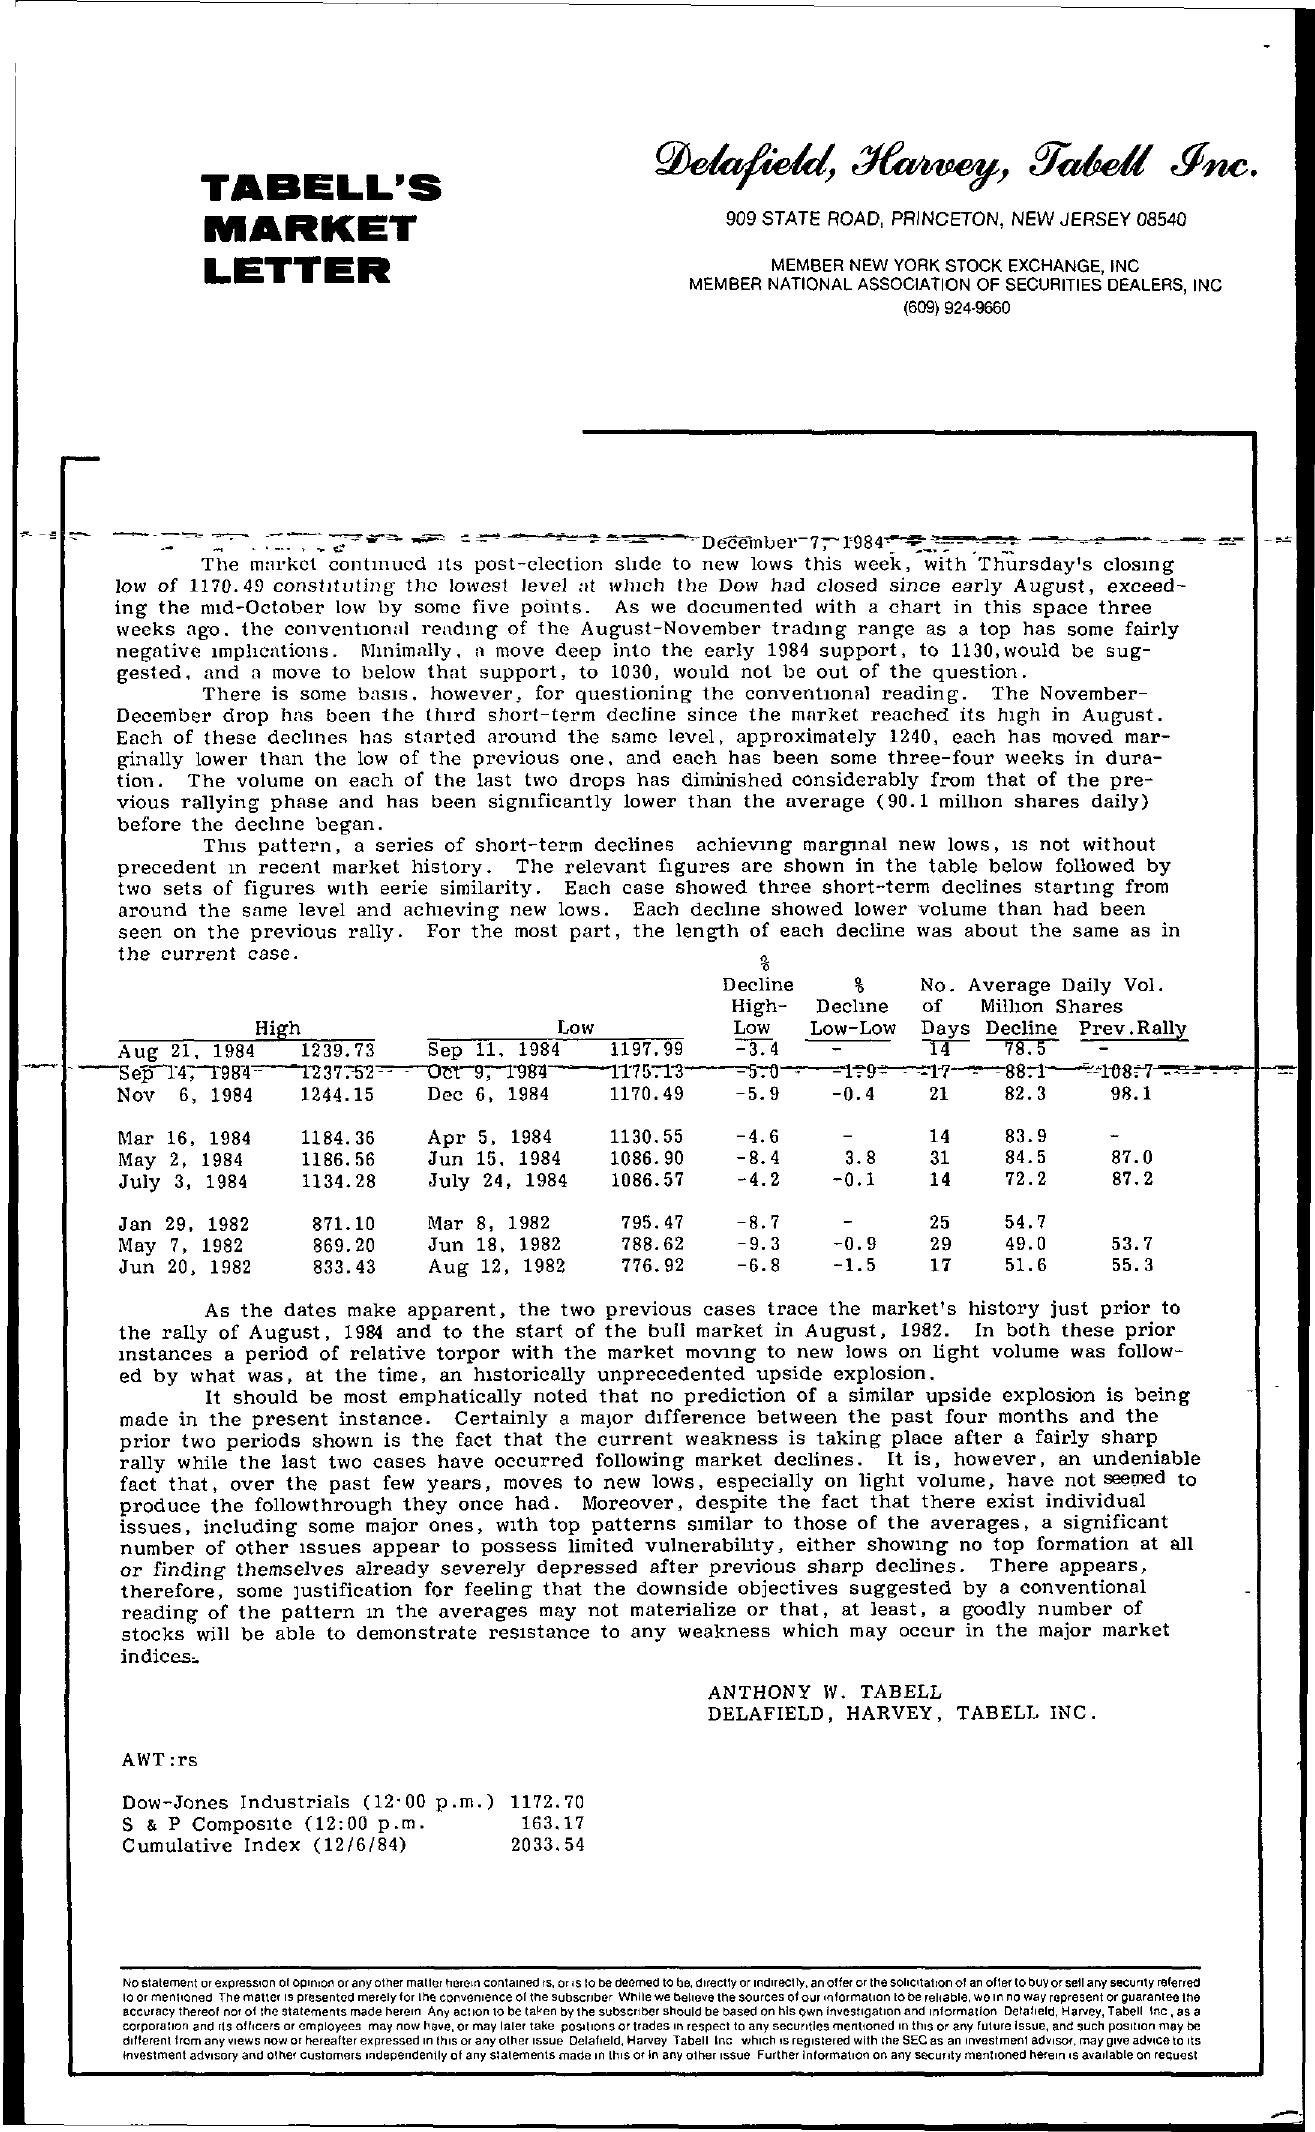 Tabell's Market Letter - December 07, 1984